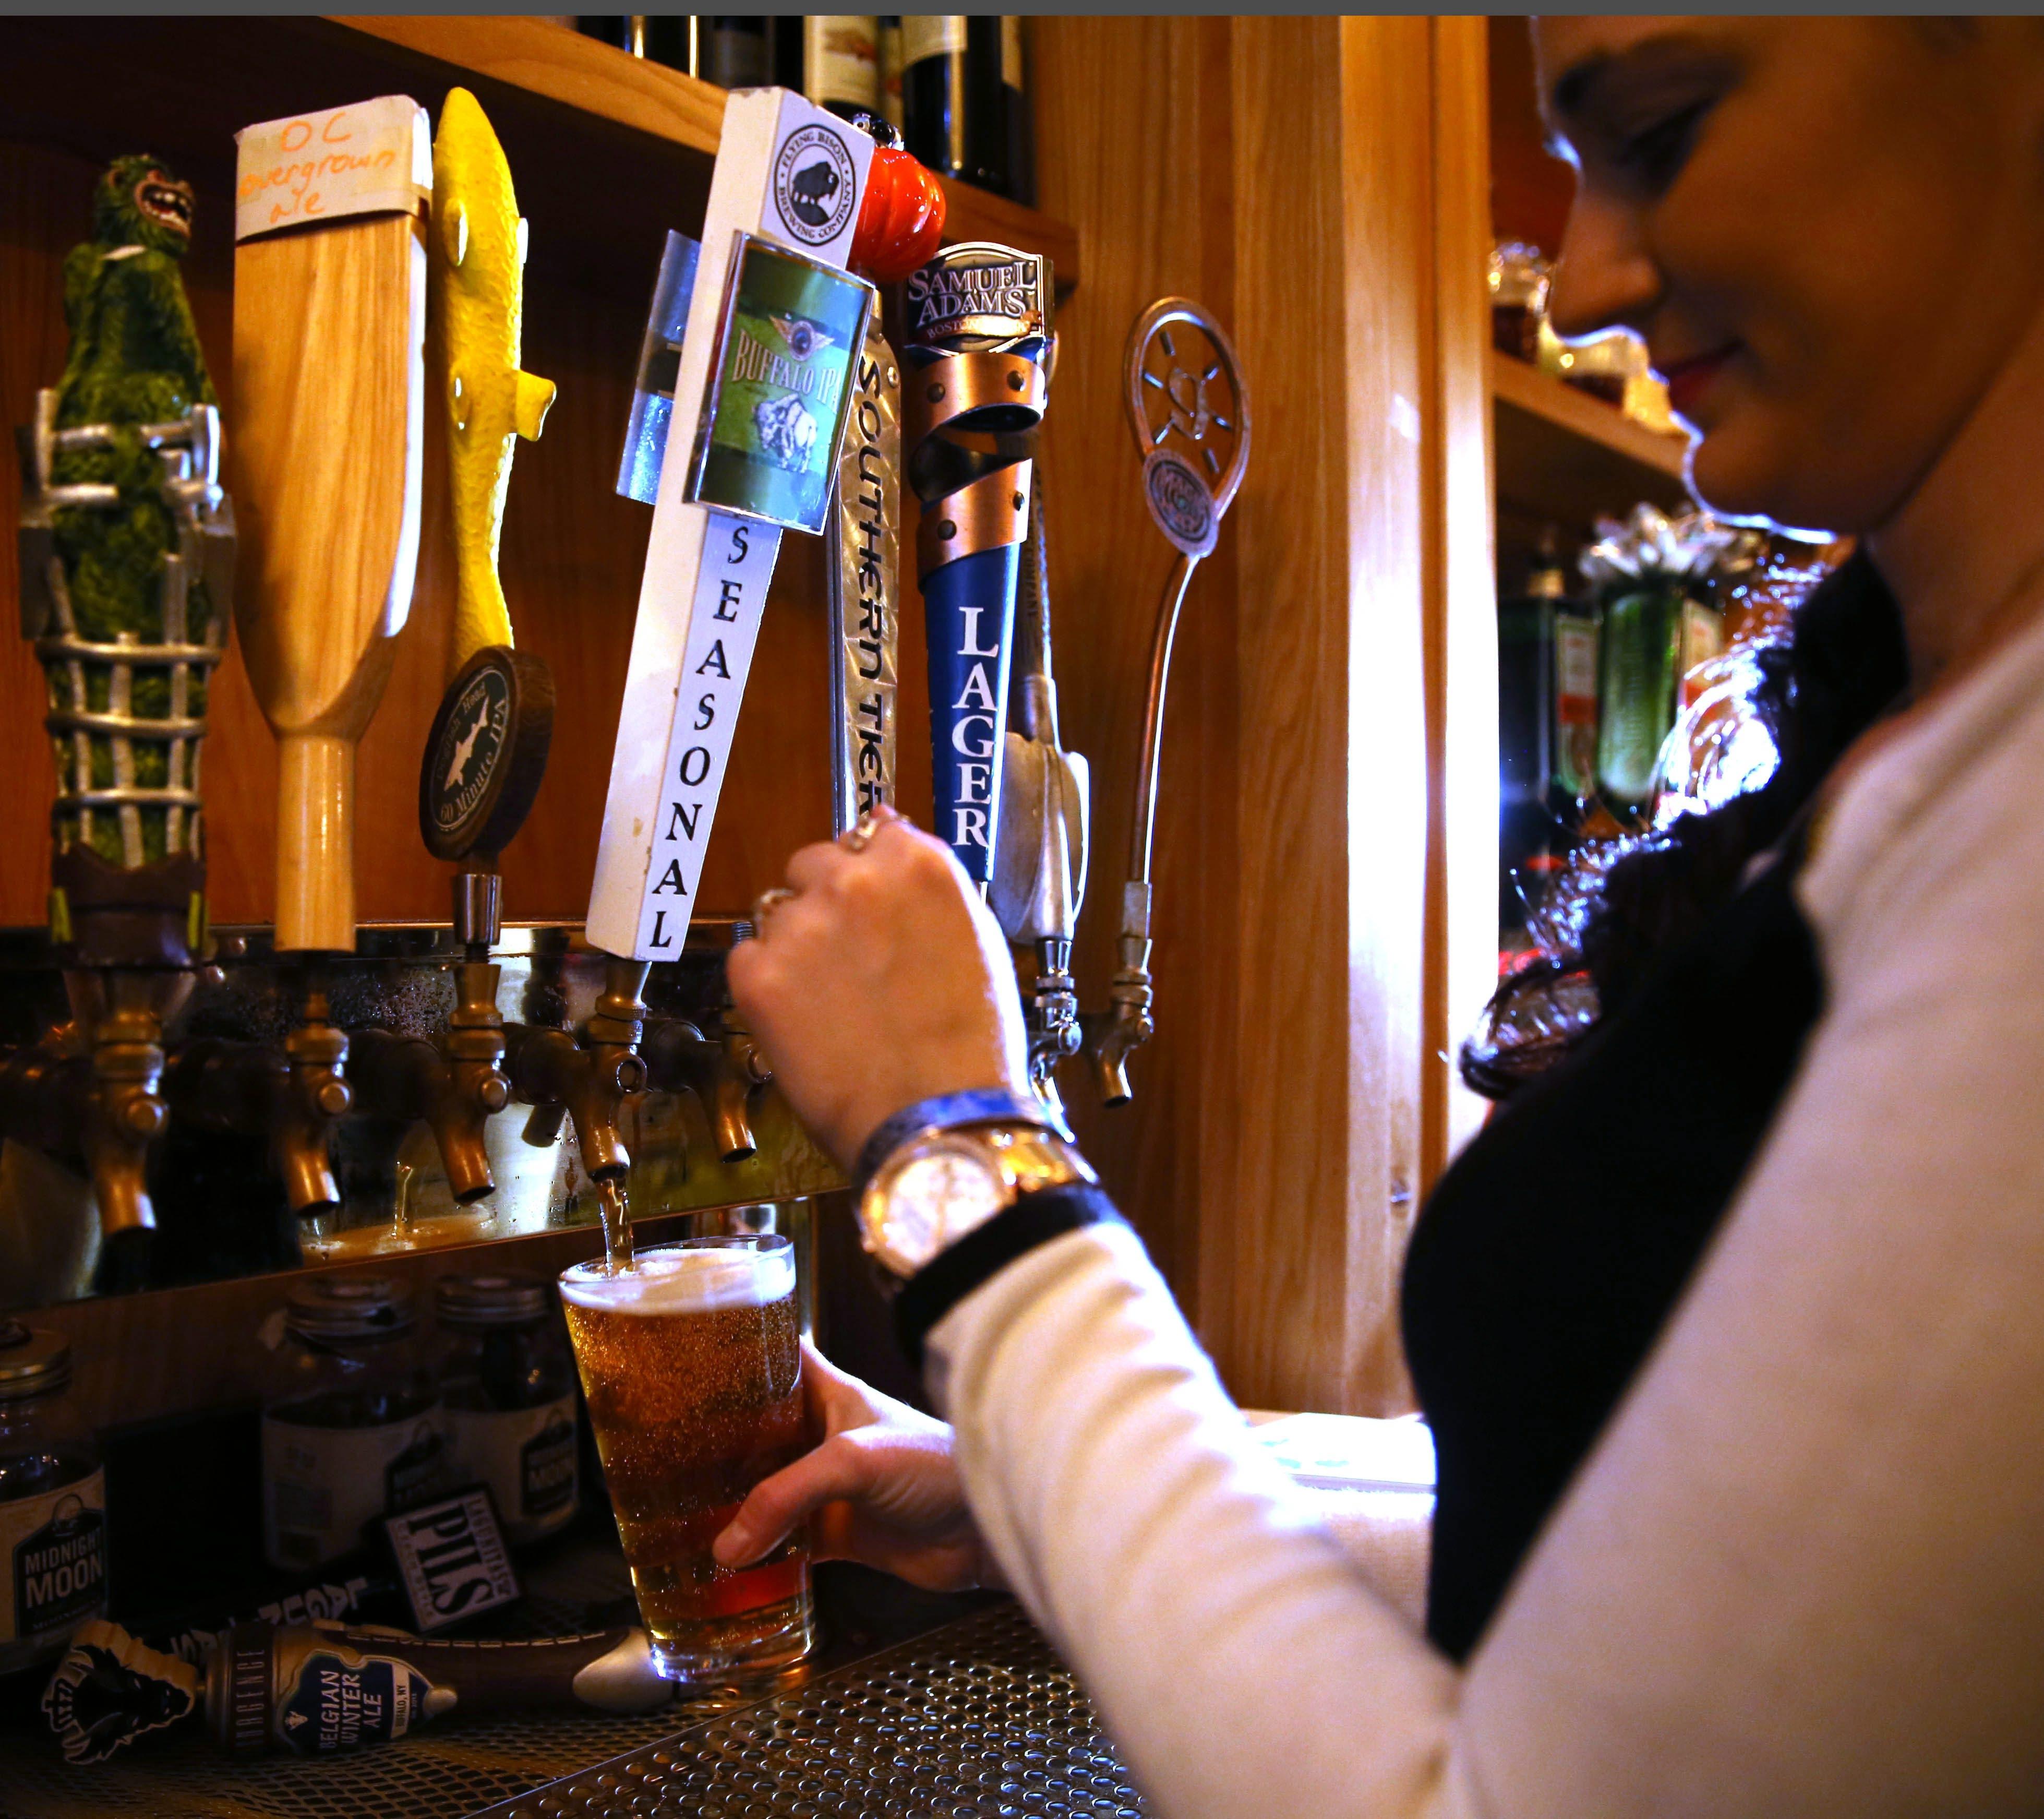 Bartender Allison Keane pours Flying Bison at the Armor Inn Tap Room, 5381 Abbott Road, Hamburg.